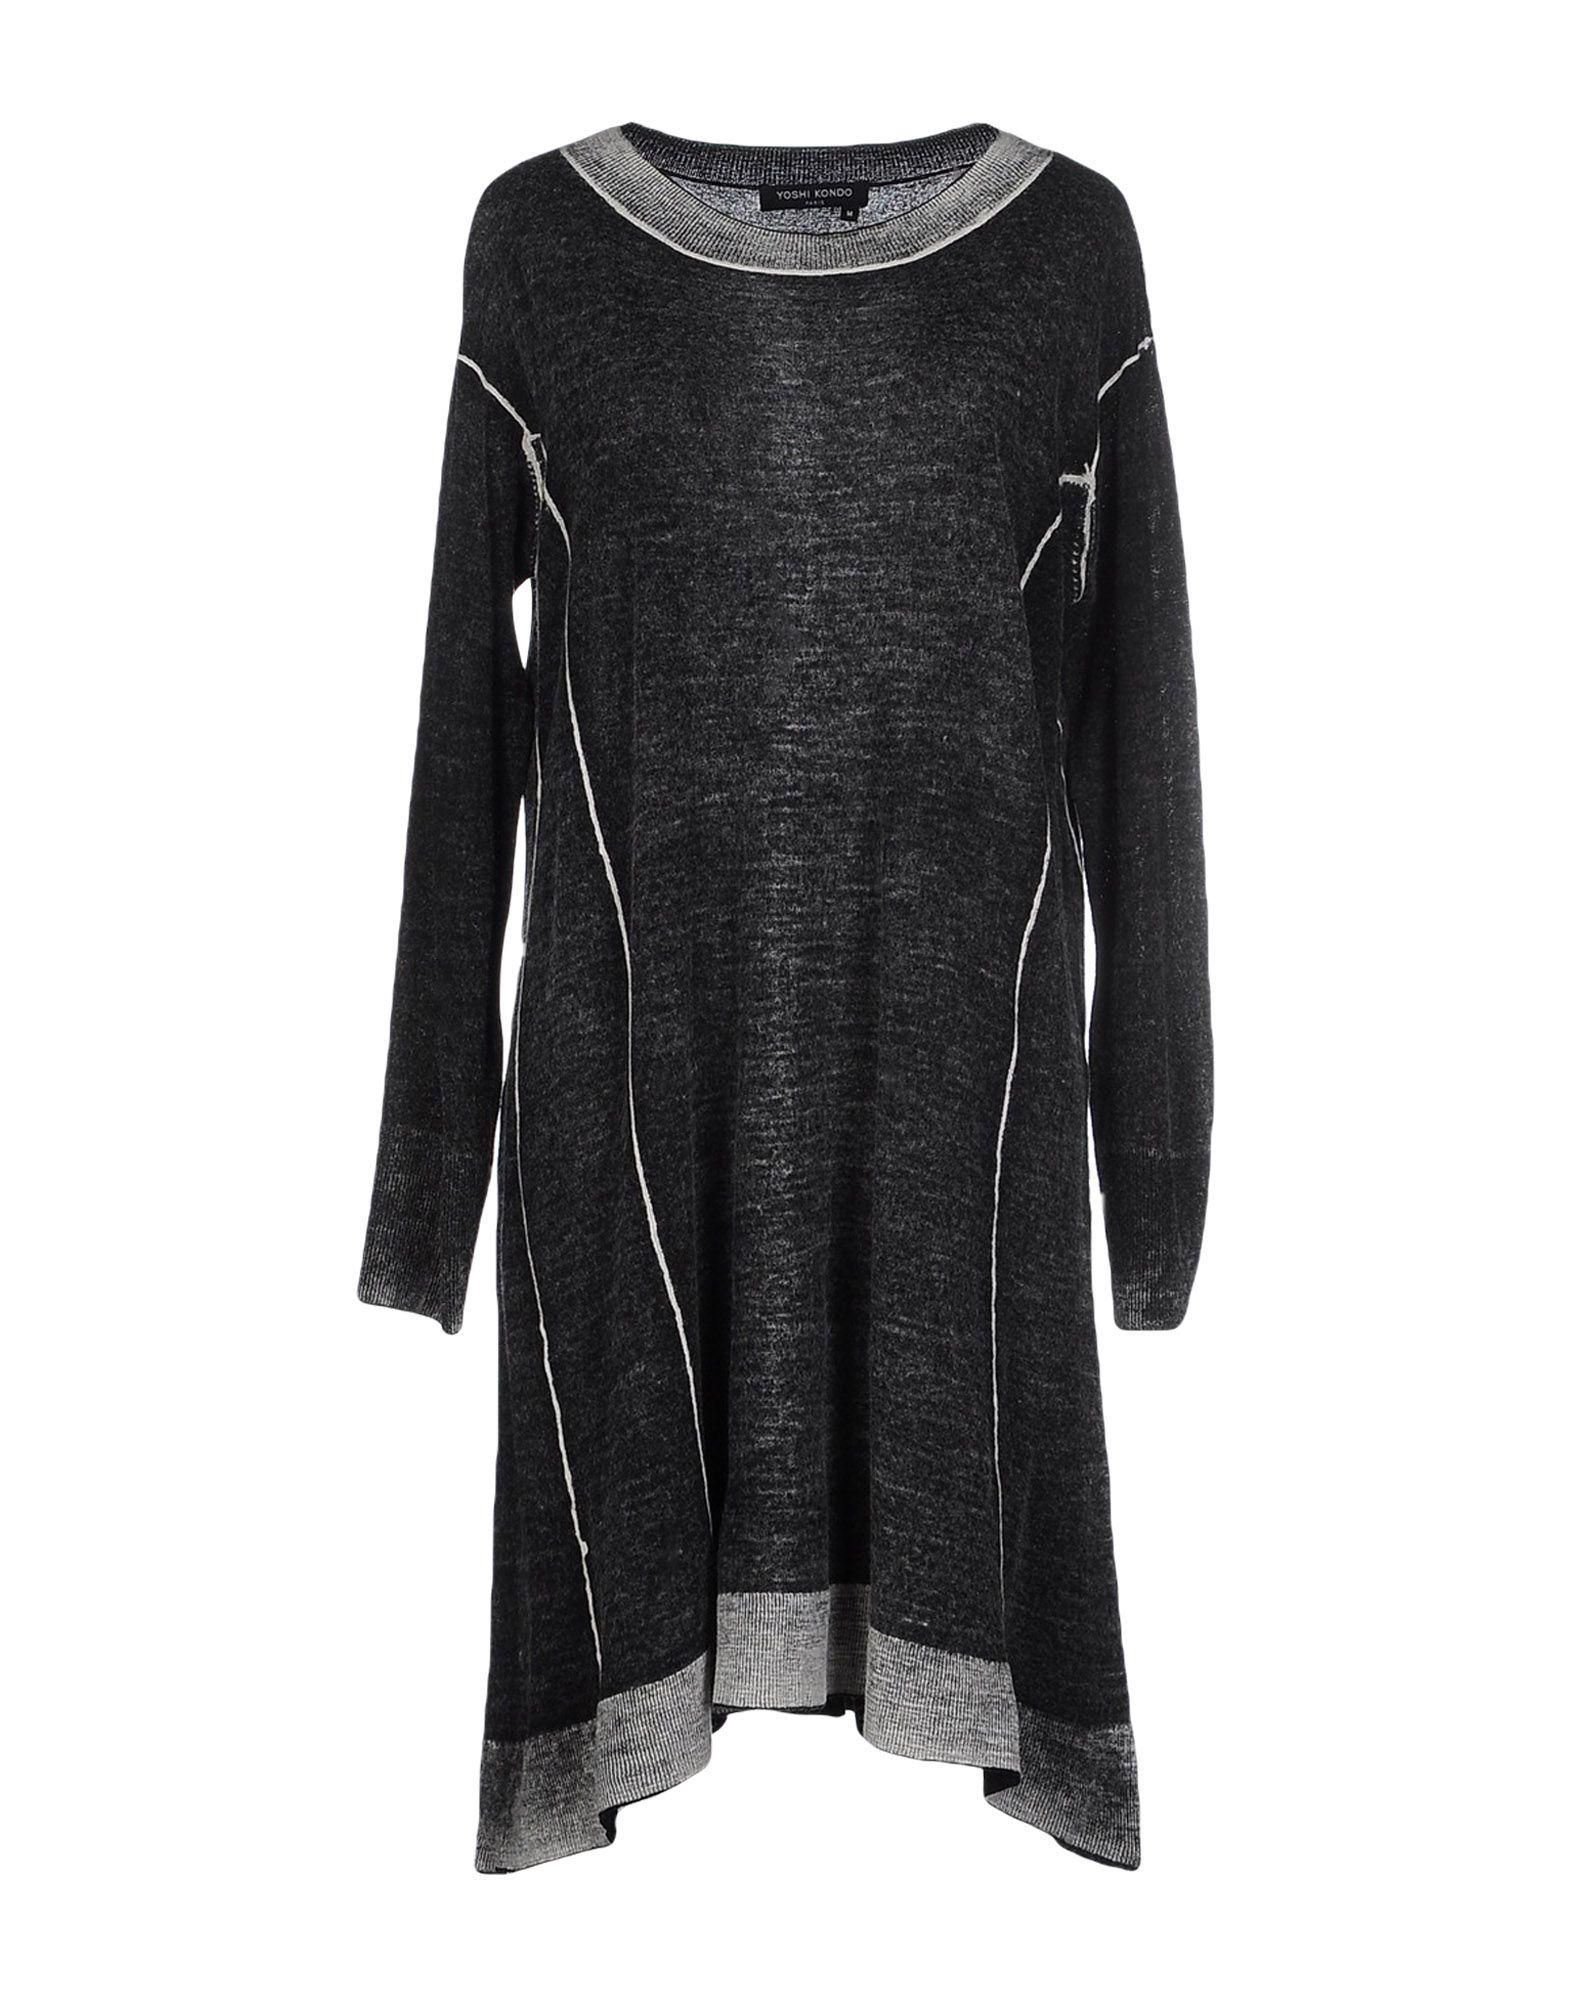 YOSHI KONDO Short Dress in Steel Grey